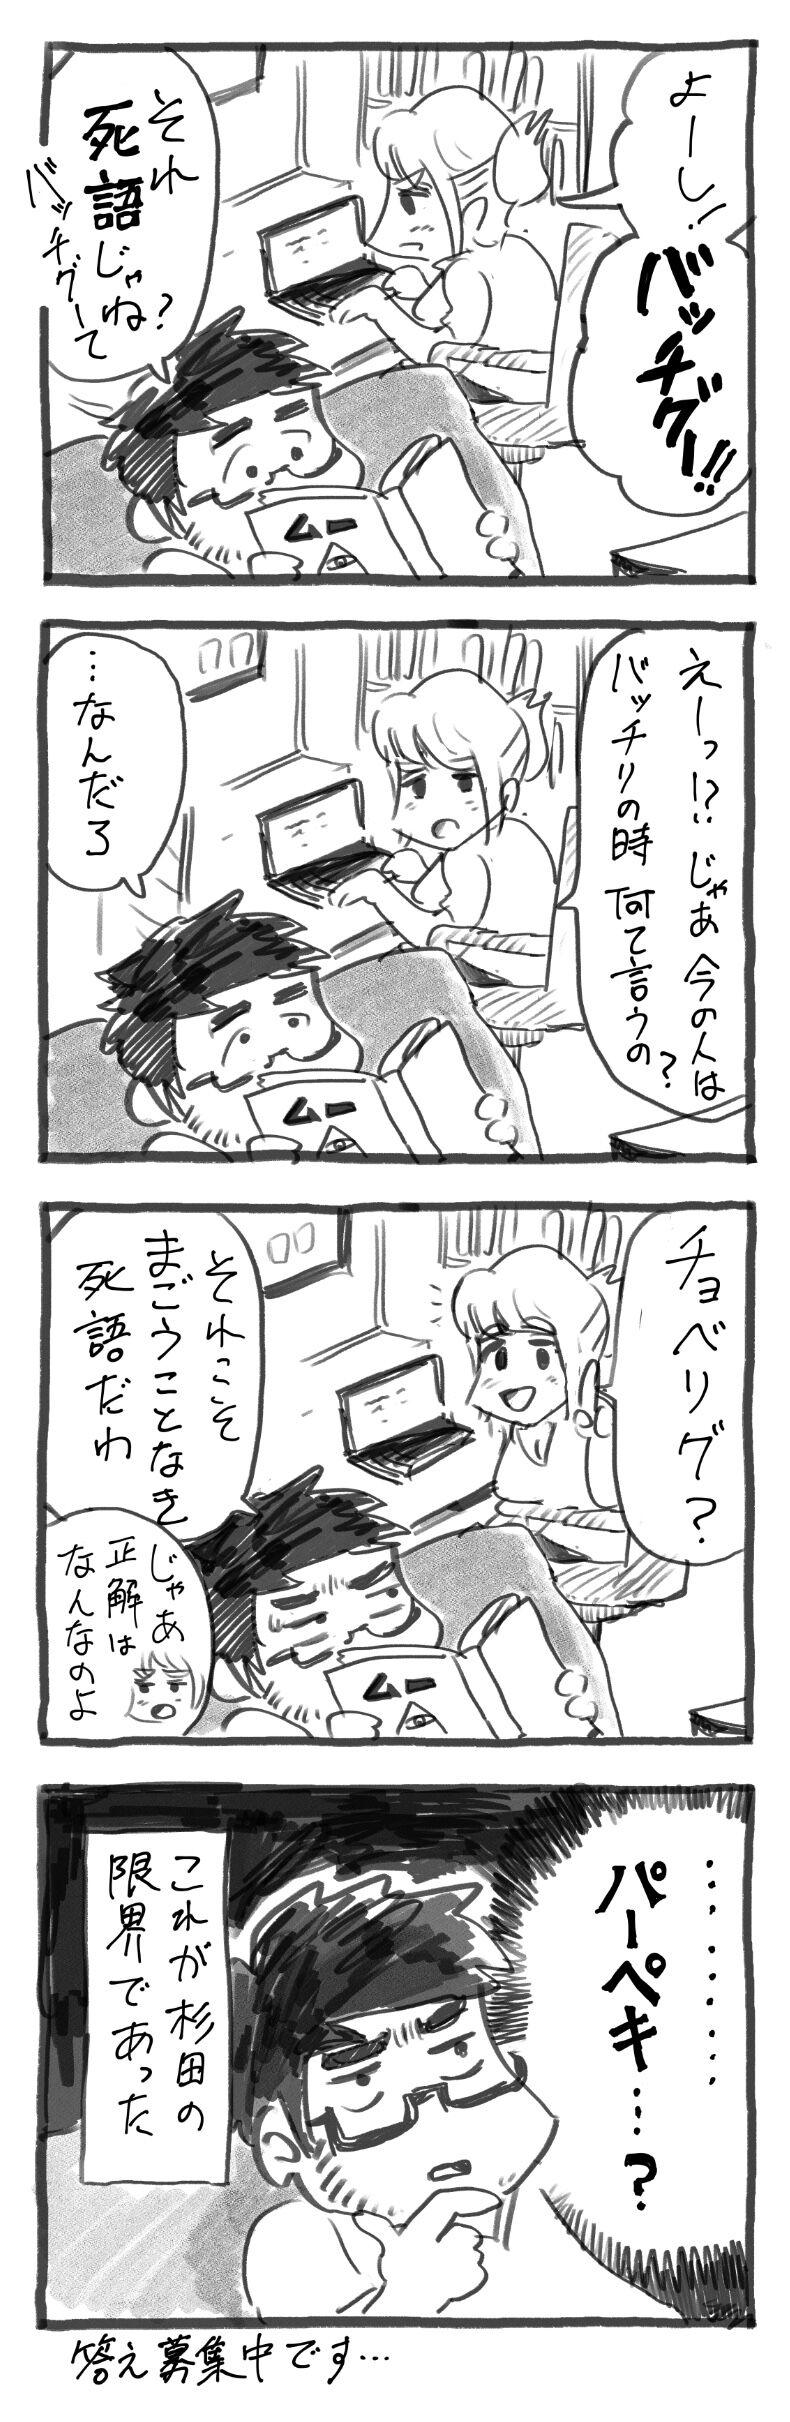 ん ぱおん ぴえ